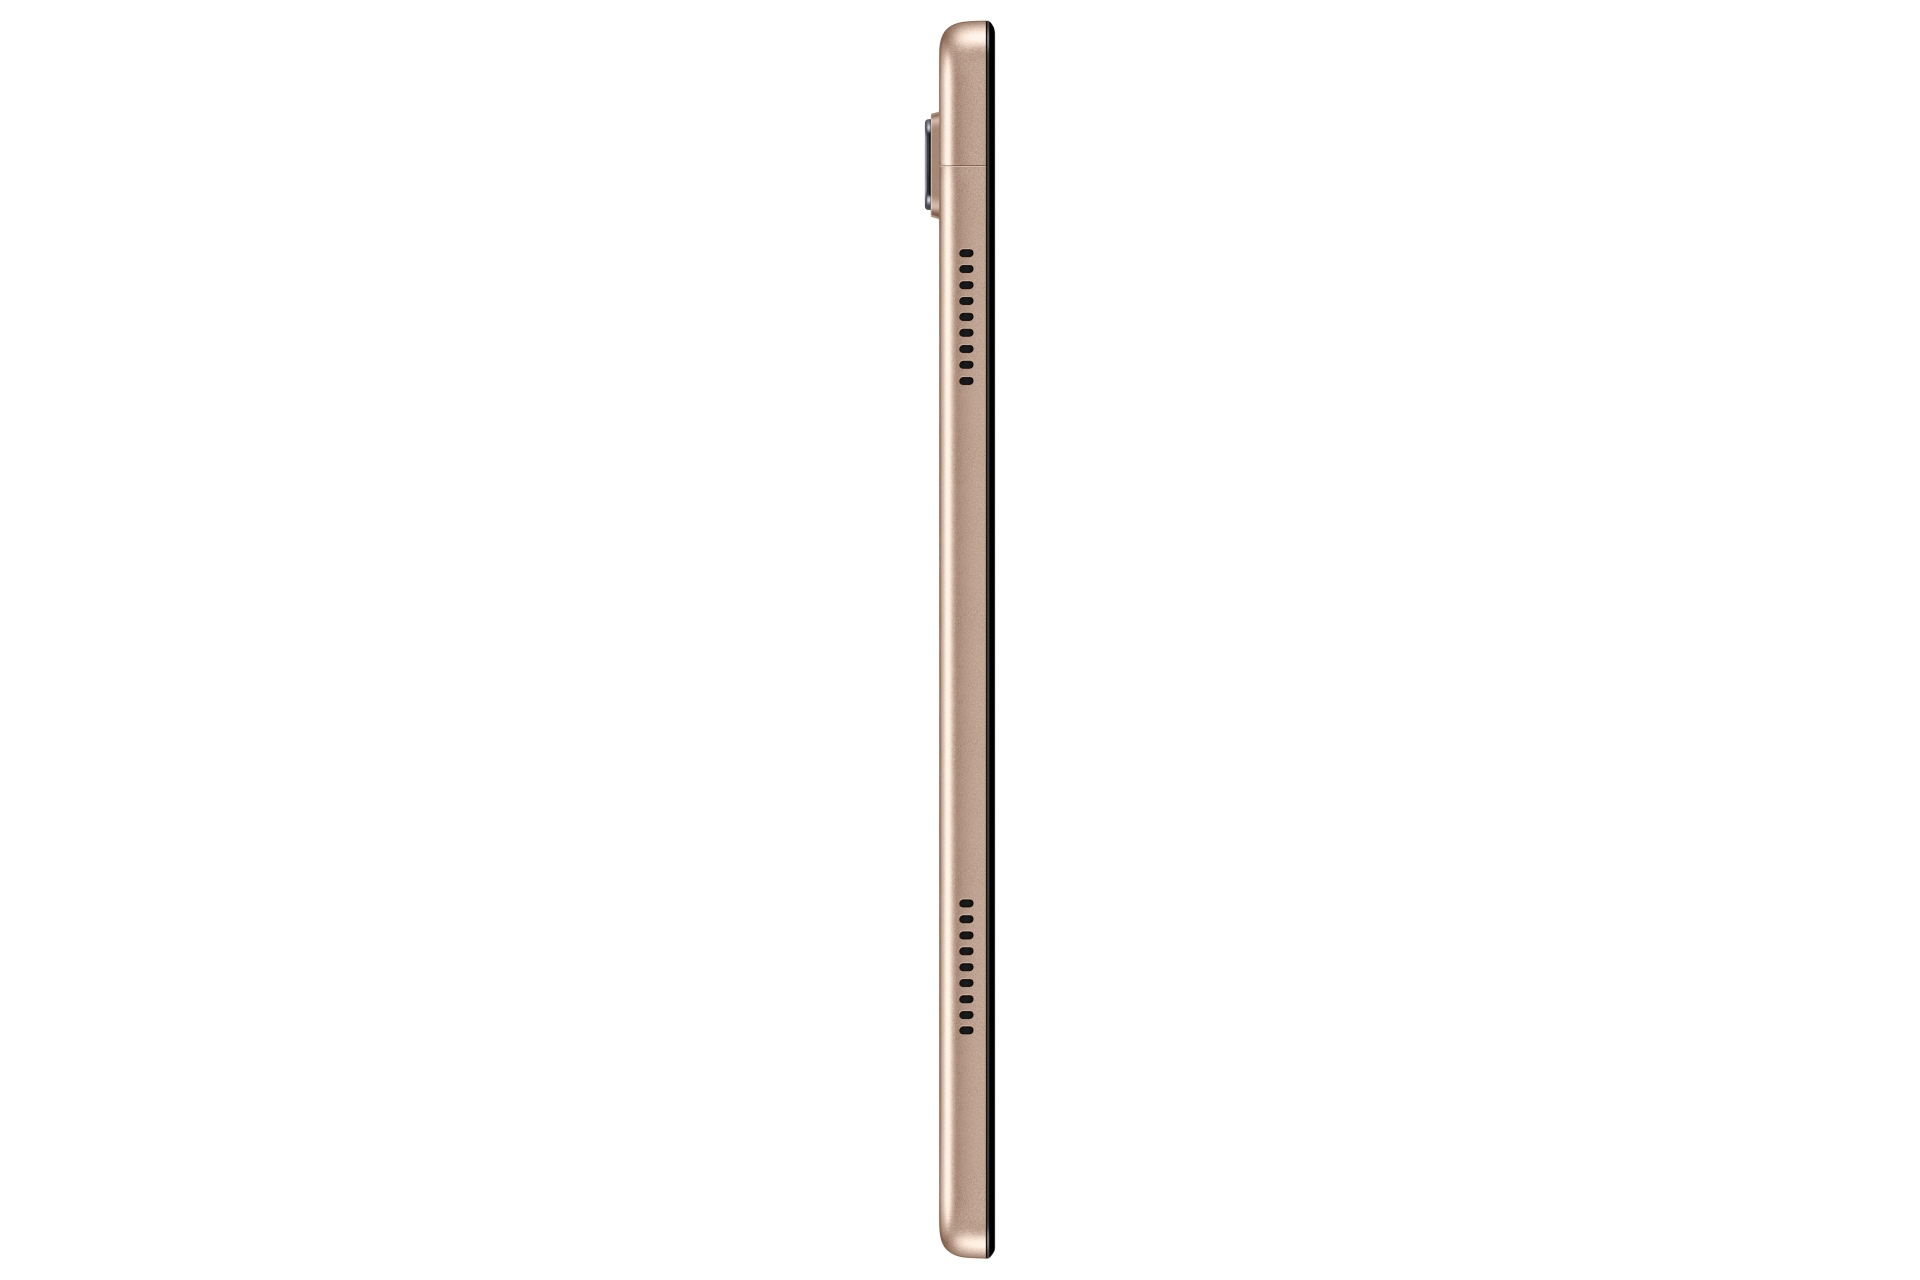 Samsung Galaxy A7 (2020)